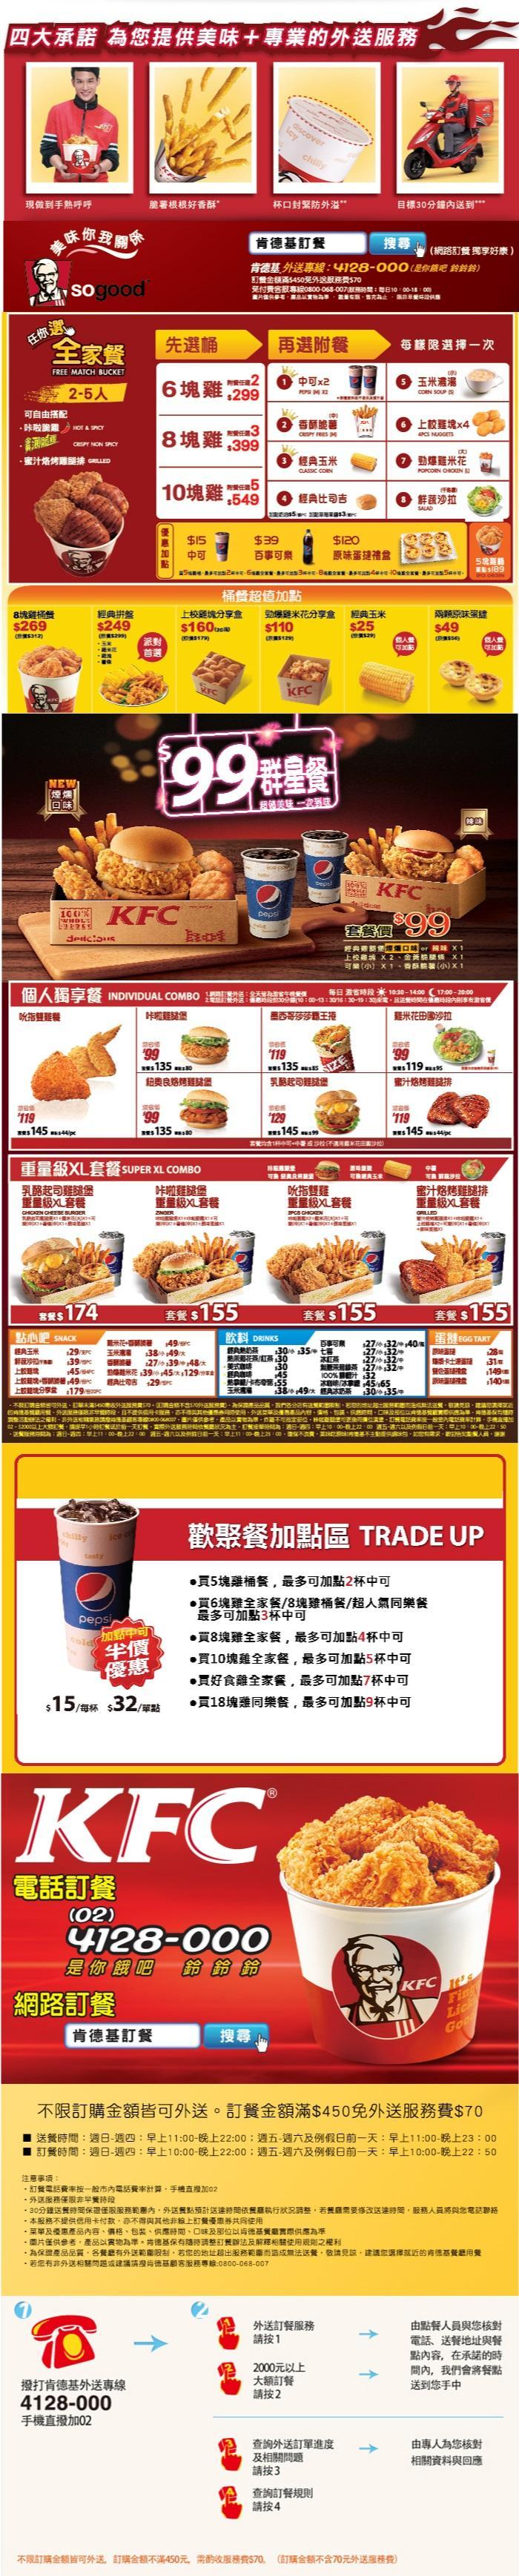 台湾肯德基kfc外送电话以及menu,菜单,价目表及外送服务资讯